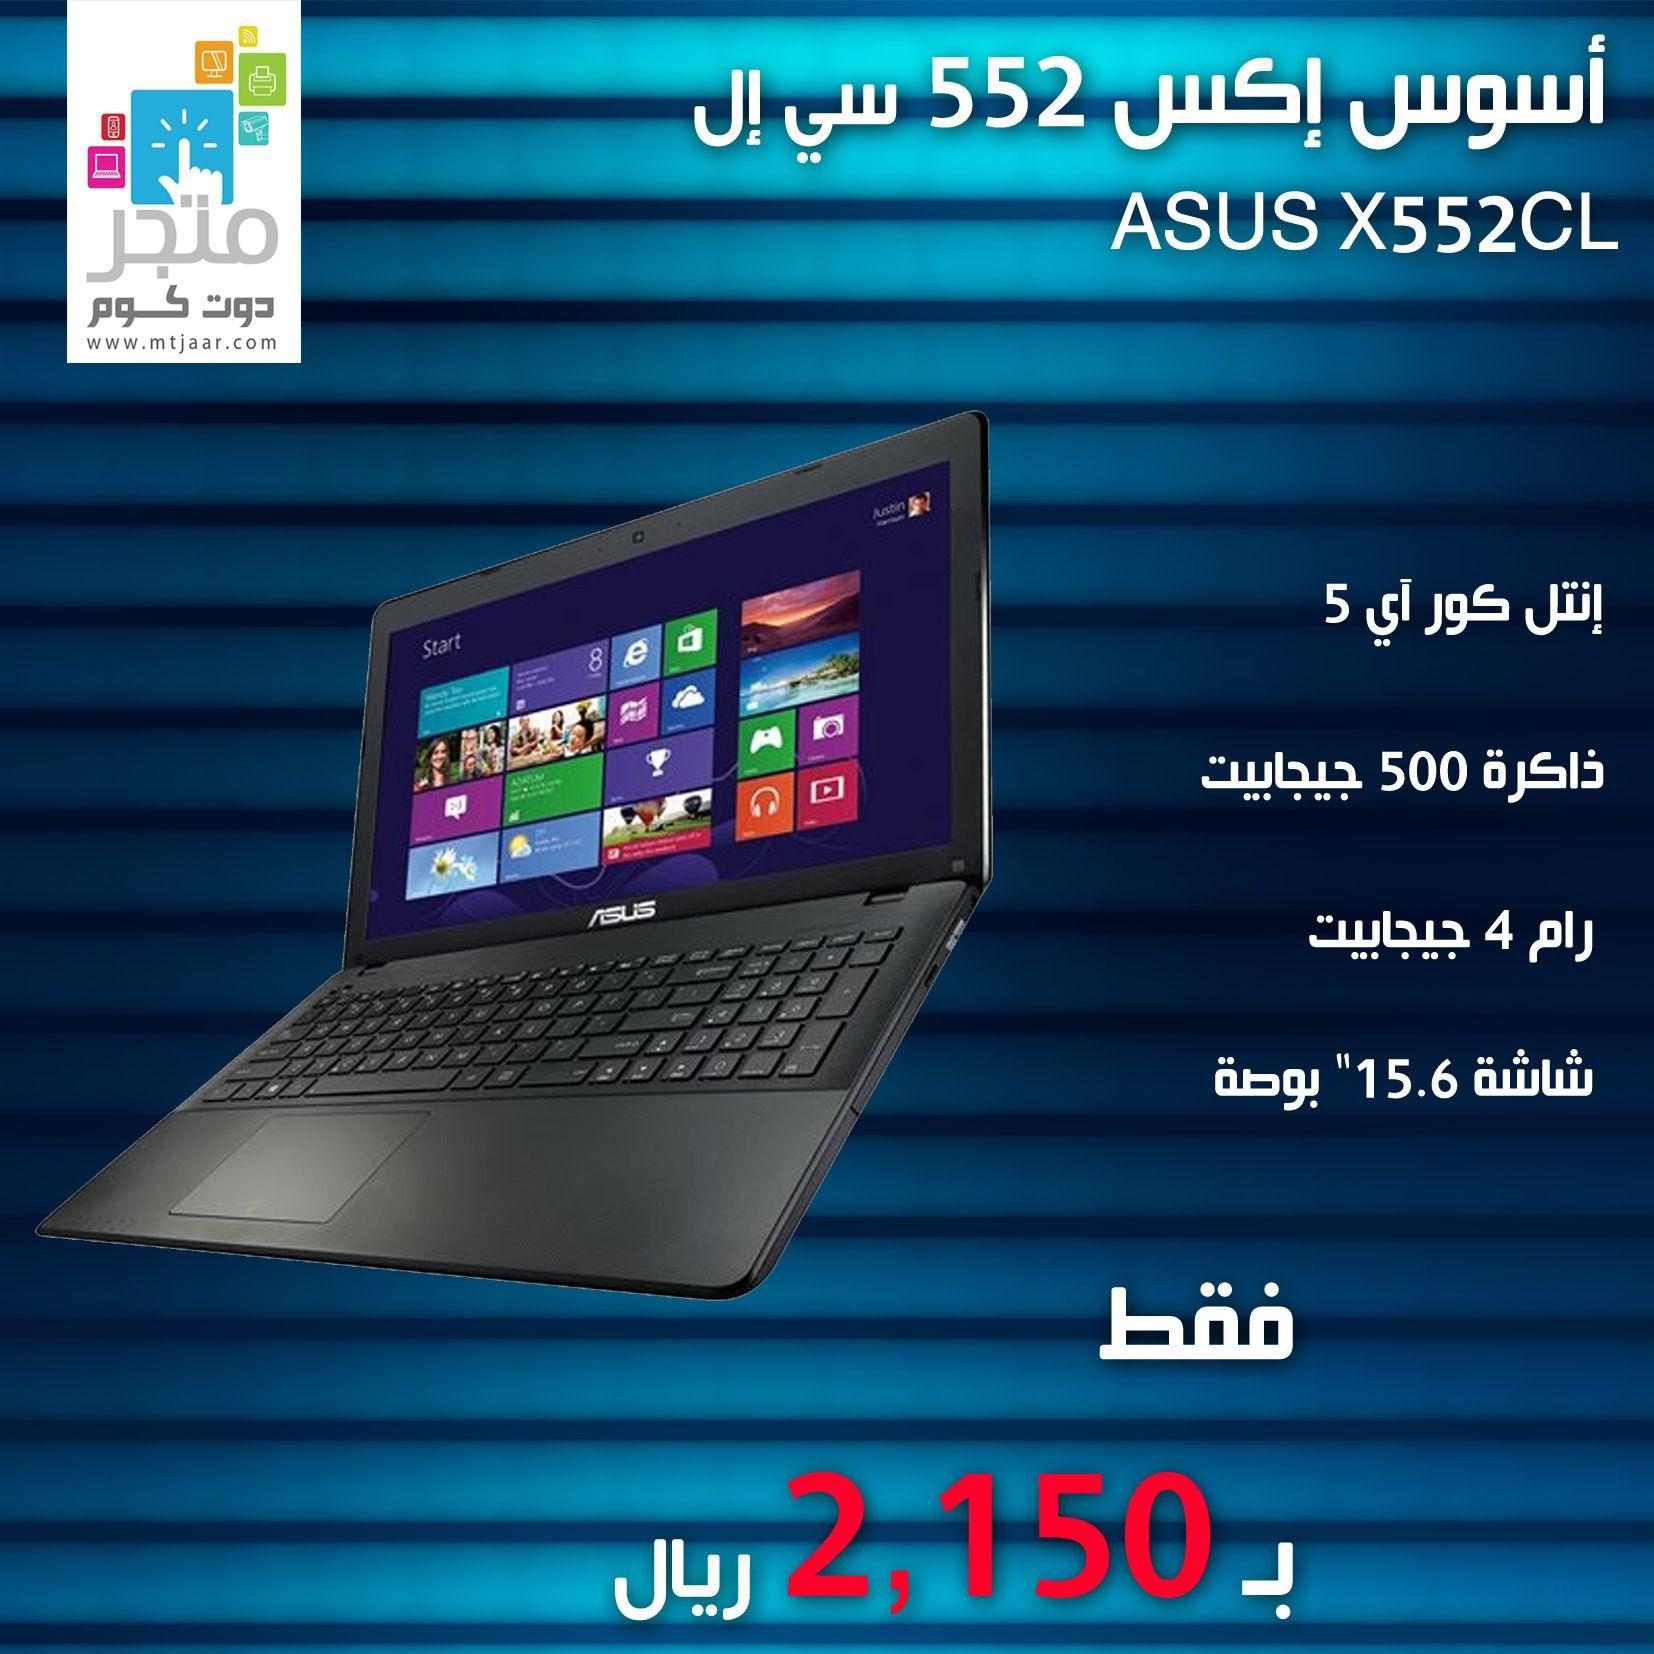 لابتوب أسوس إكس 552 معالج آي 5 شاشة15 6 بوصة تسوق الآن Http Goo Gl Zbpgjv Asus Electronics Laptop